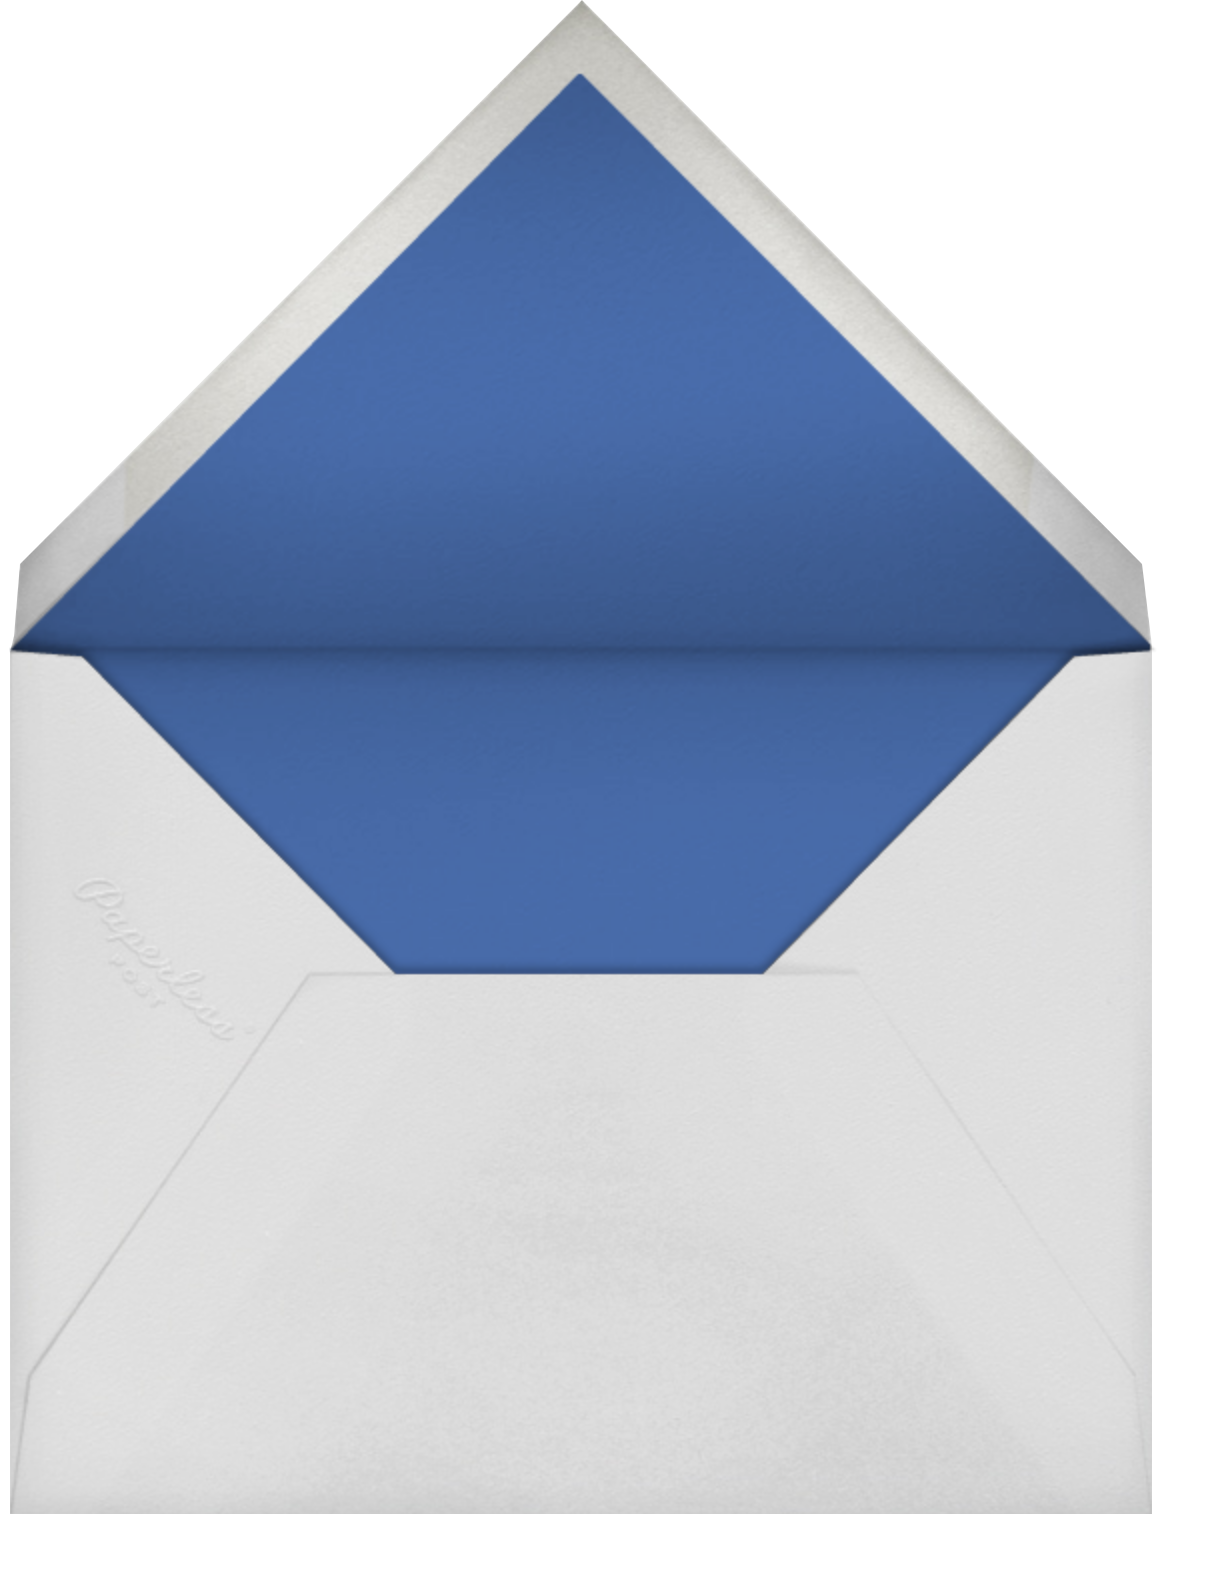 Floral Trellis I (Stationery) - Regent Blue - Oscar de la Renta - Personalized stationery - envelope back